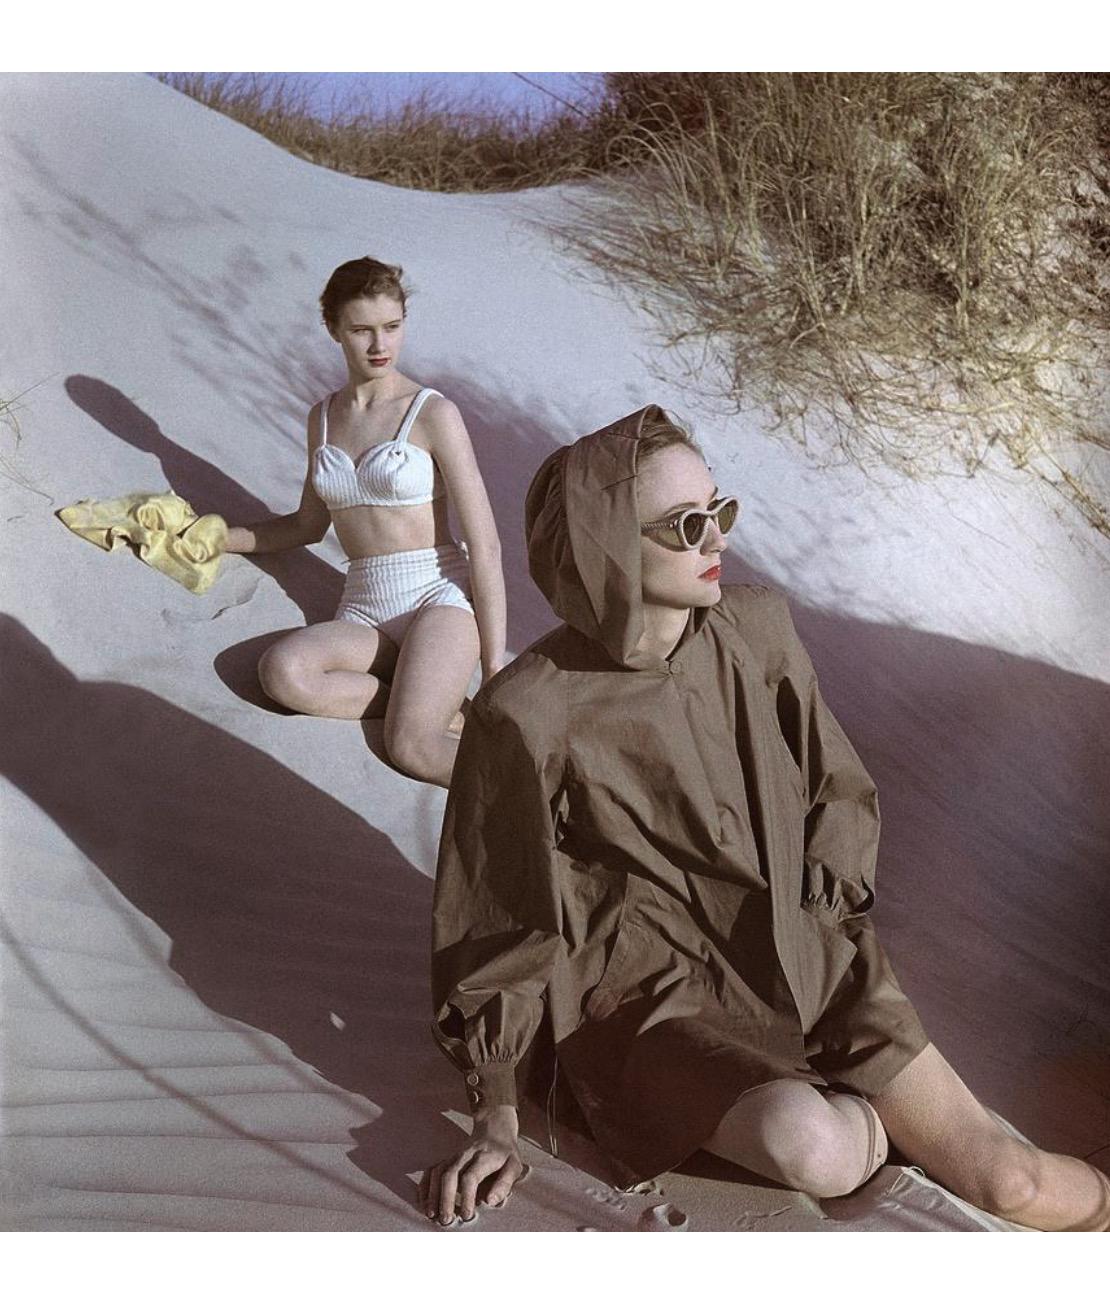 legjobb szolgáltatás olcsón vásárol vadonatúj Glamour May 1947 | © Pleasurephoto